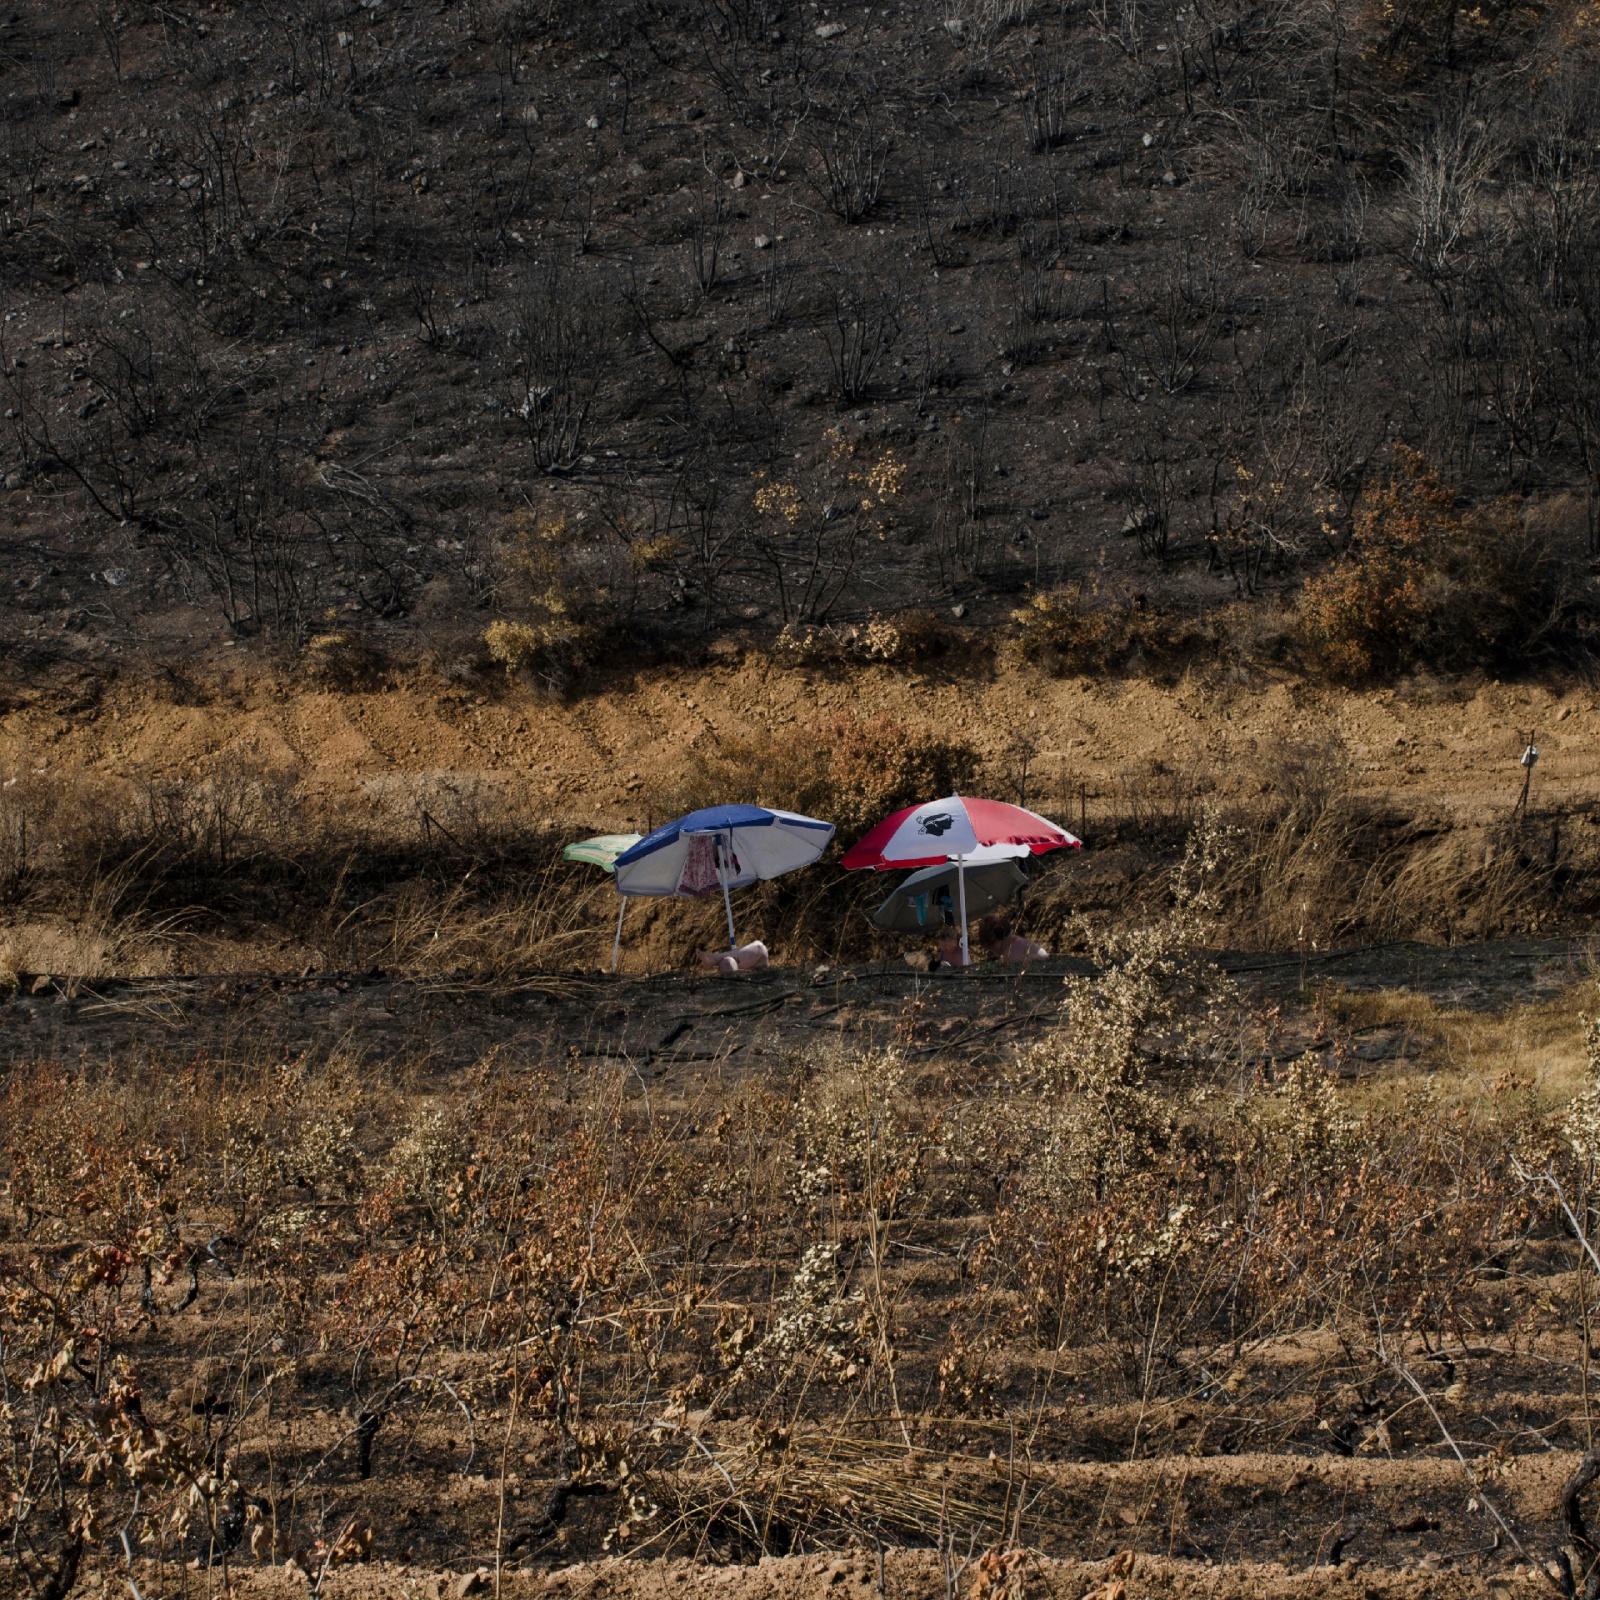 Bagnanti lungo le coste sarde postprodotti nel territorio all'ingresso di Villagrande Strisaili, in provincia d'Ogliastra, che nell'estate 2017 è stato vittima di un gravoso incendio. © Francesca Pili.